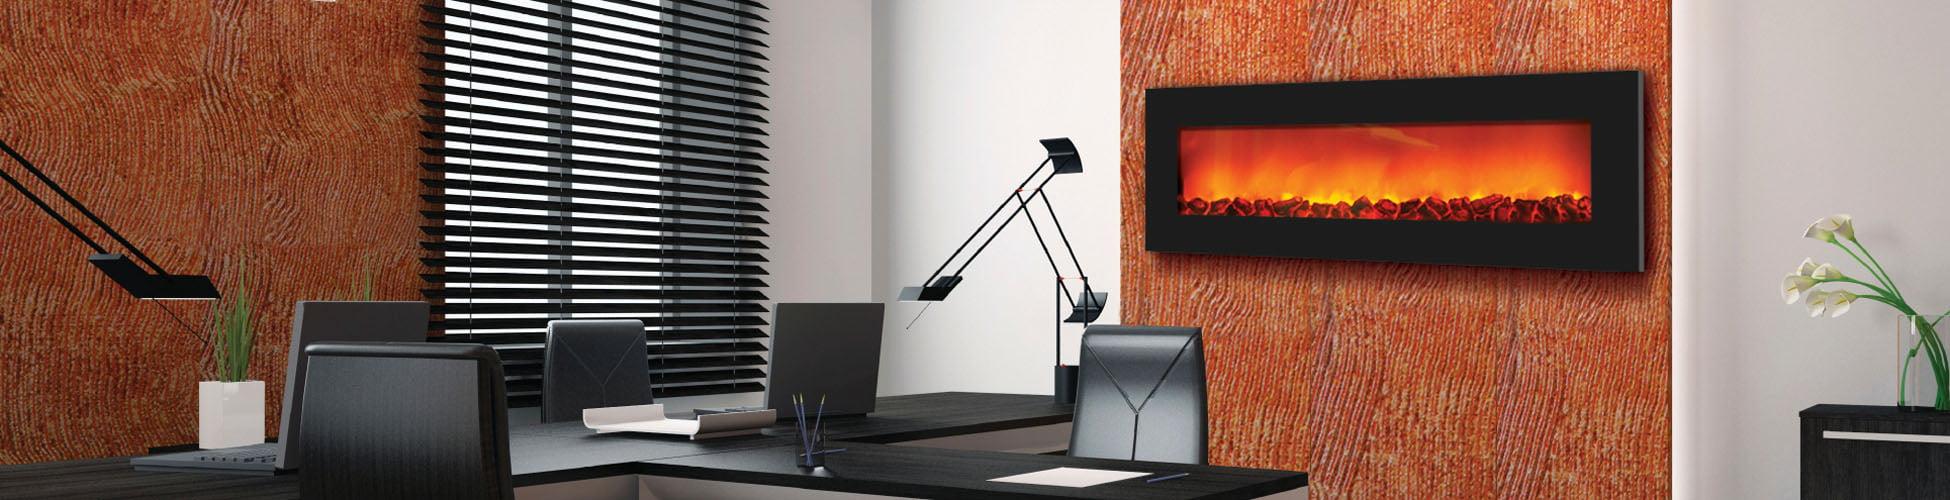 WM-SLIM-54 electric fireplace